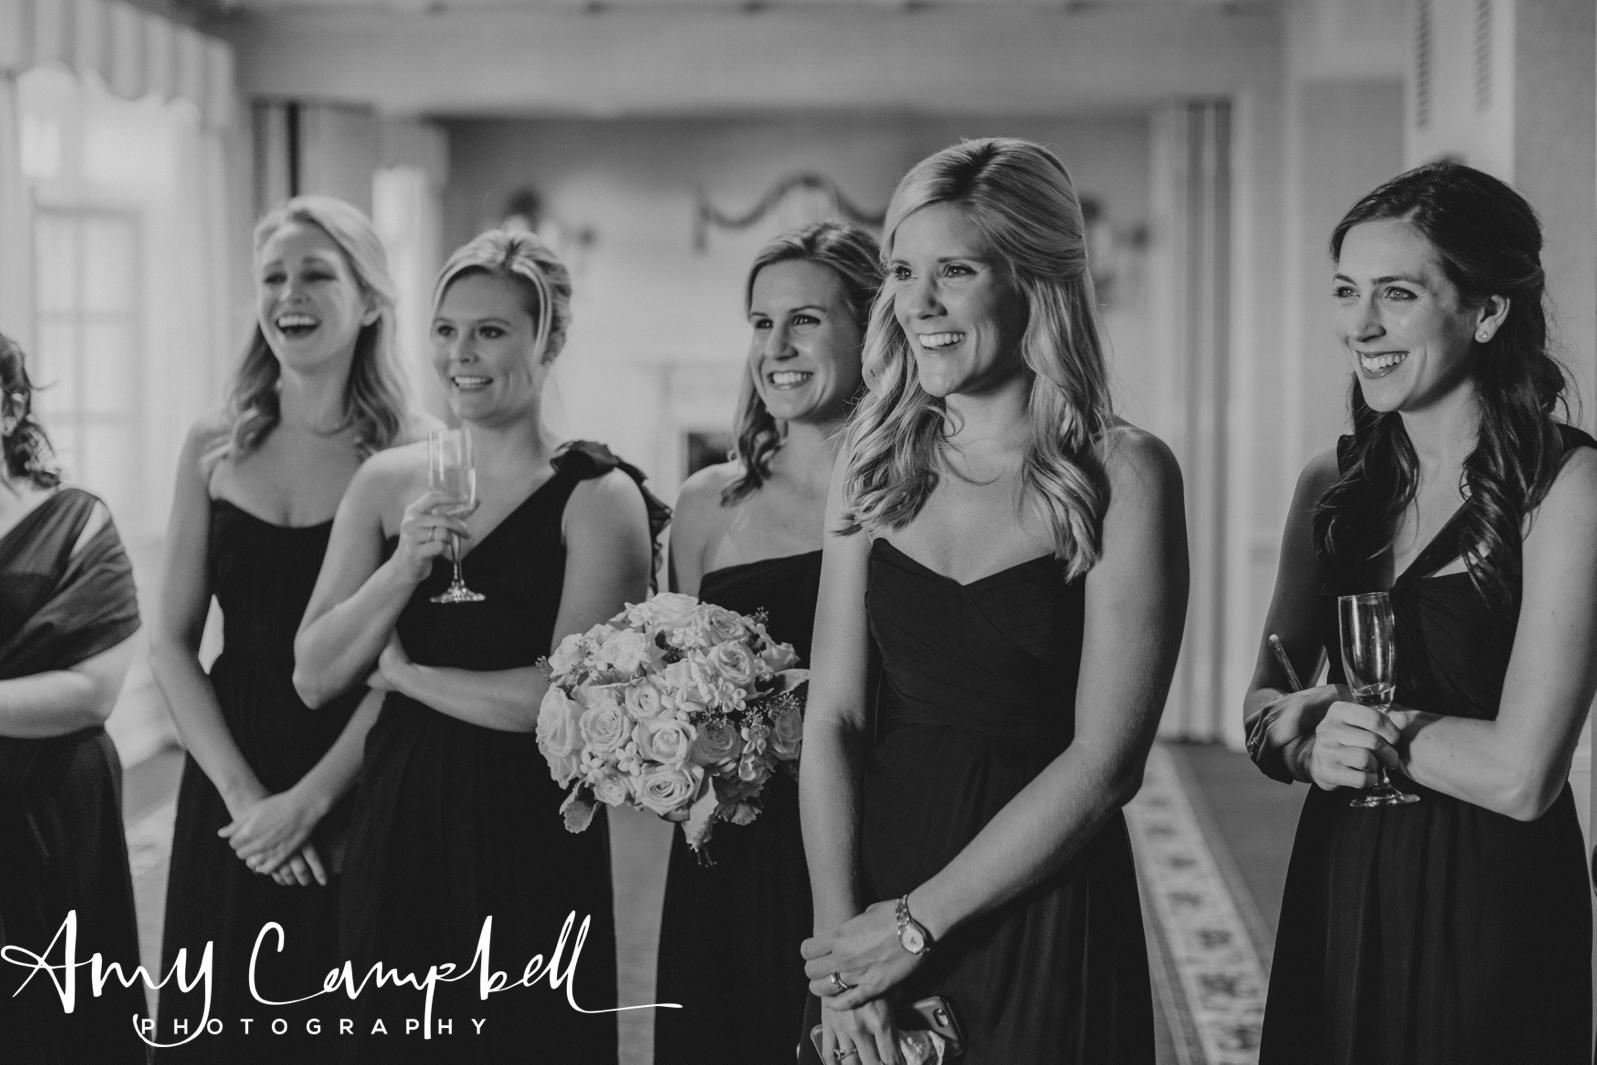 emmakyle_wedding_fb_amycampbellphotography_0009.jpg